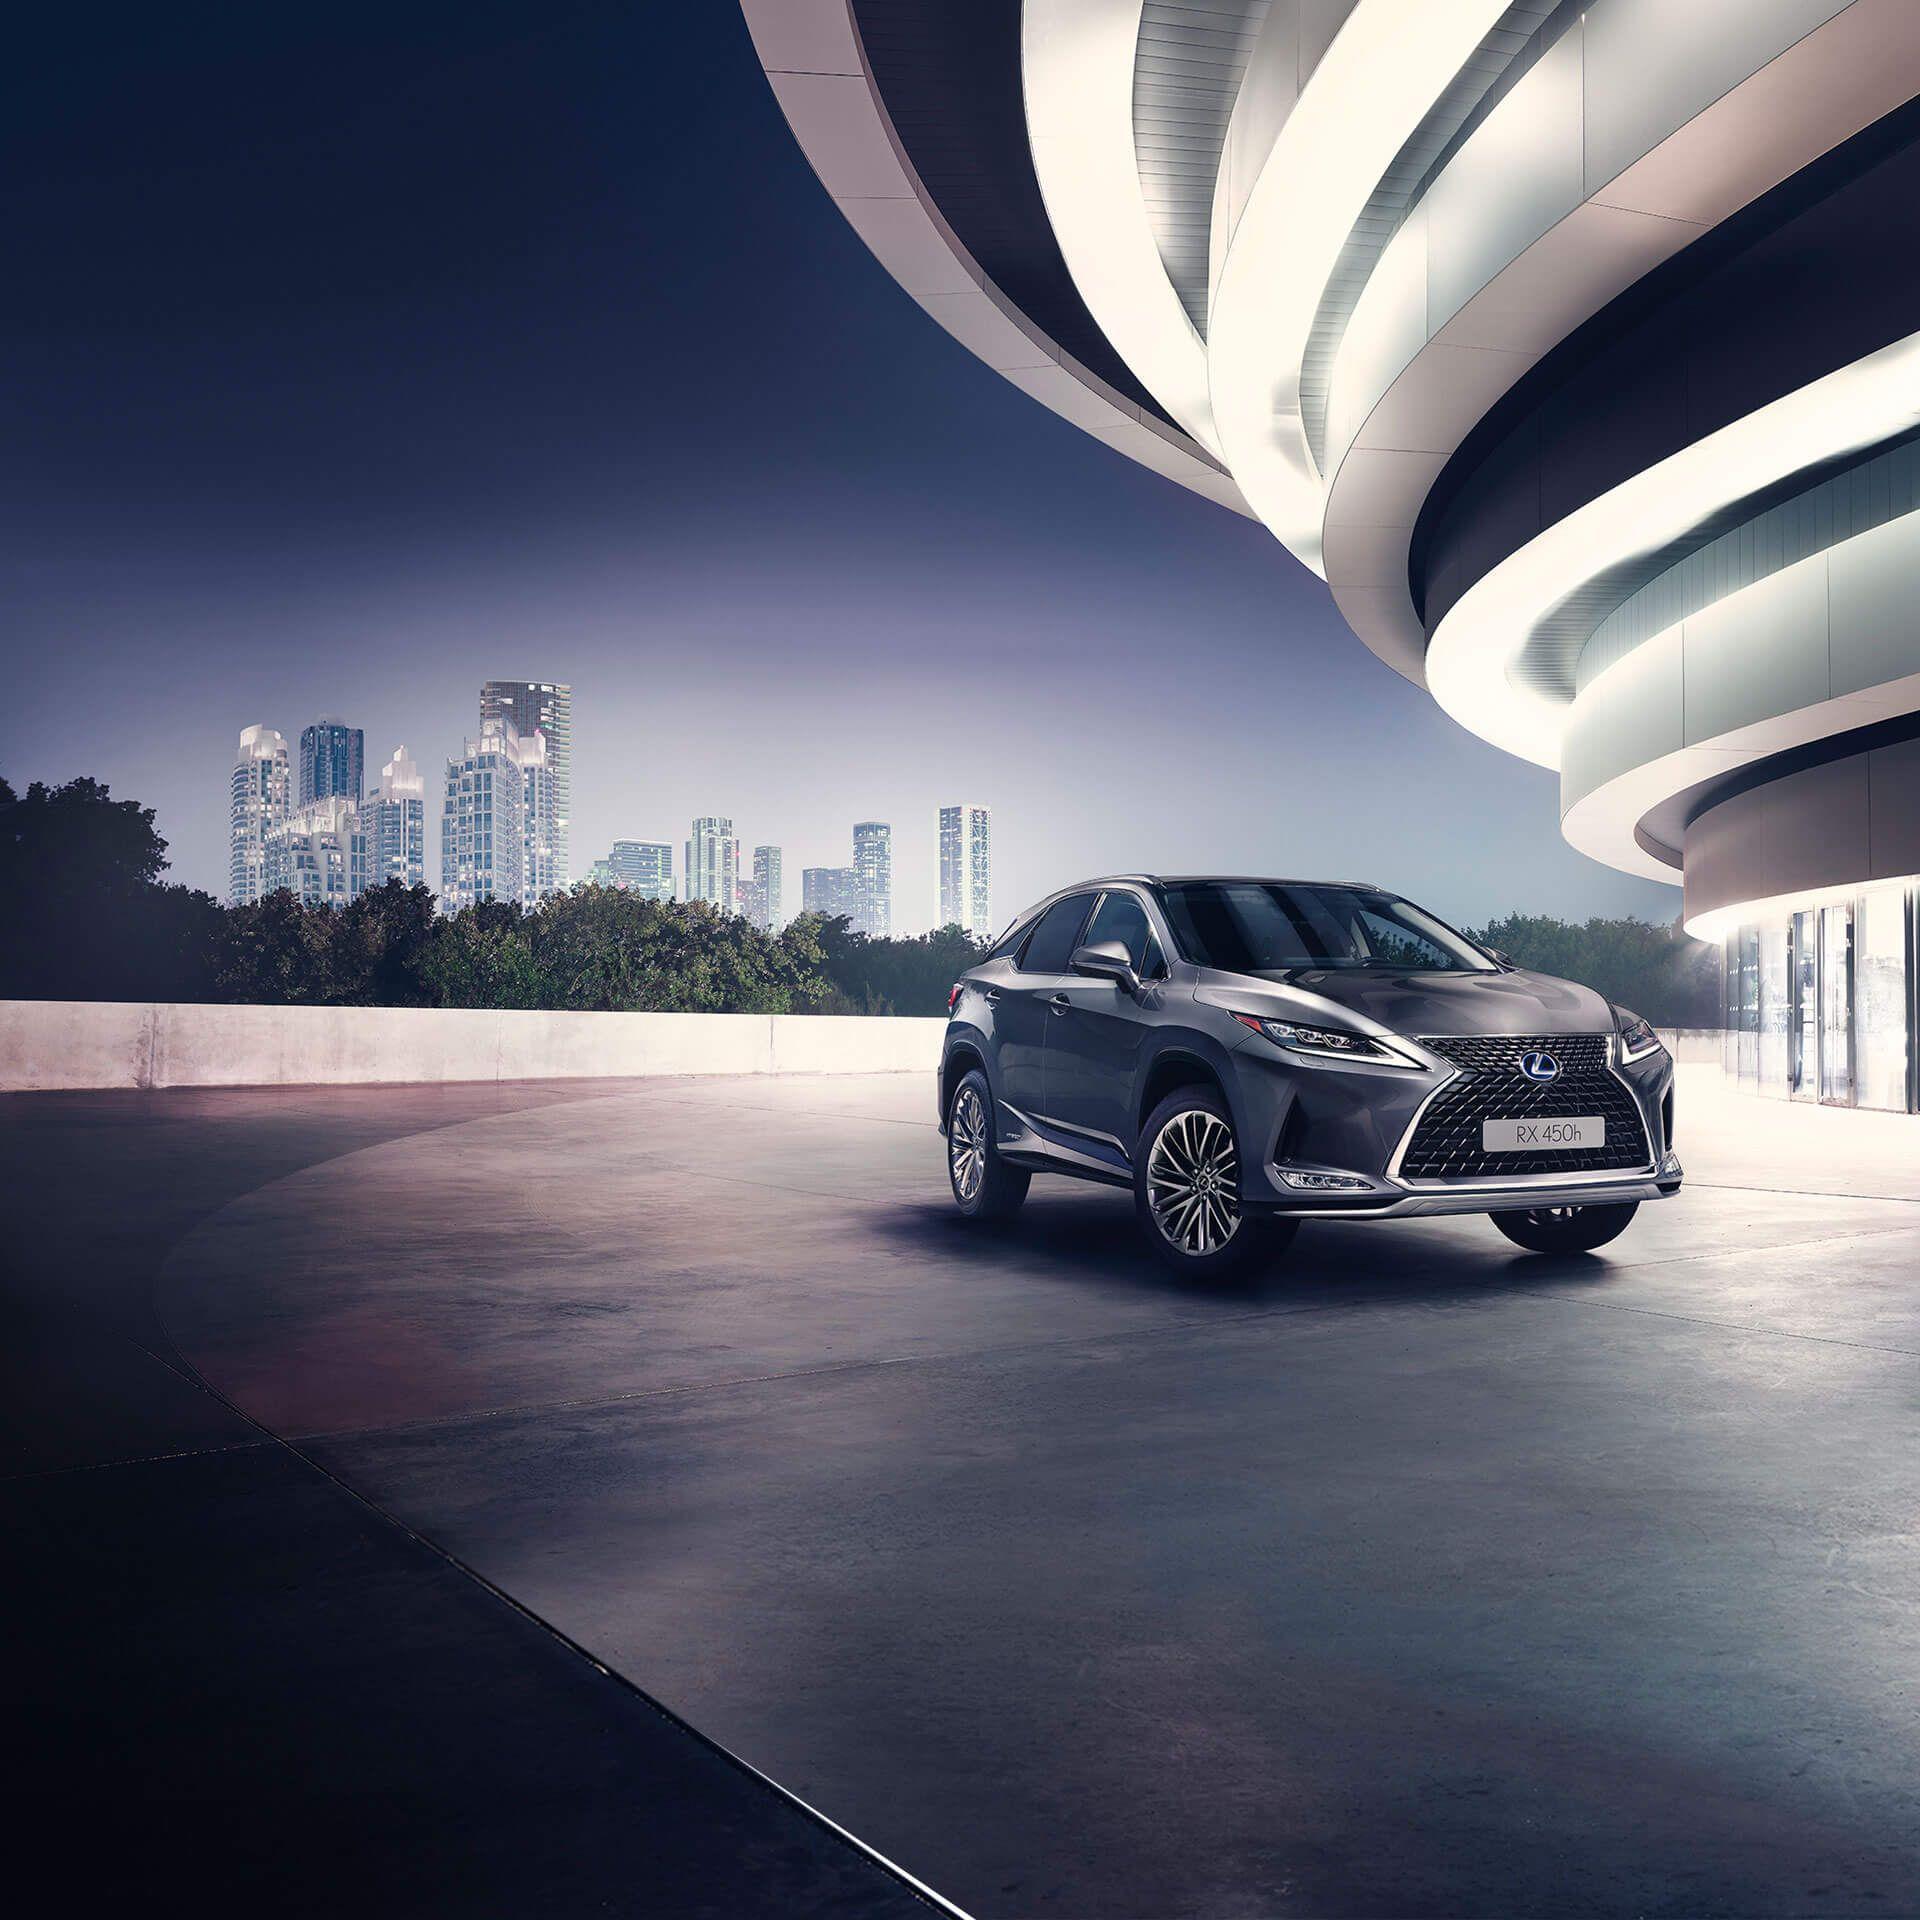 Lexus France Nos offres Lexus RX 450h Hybride MY 2020